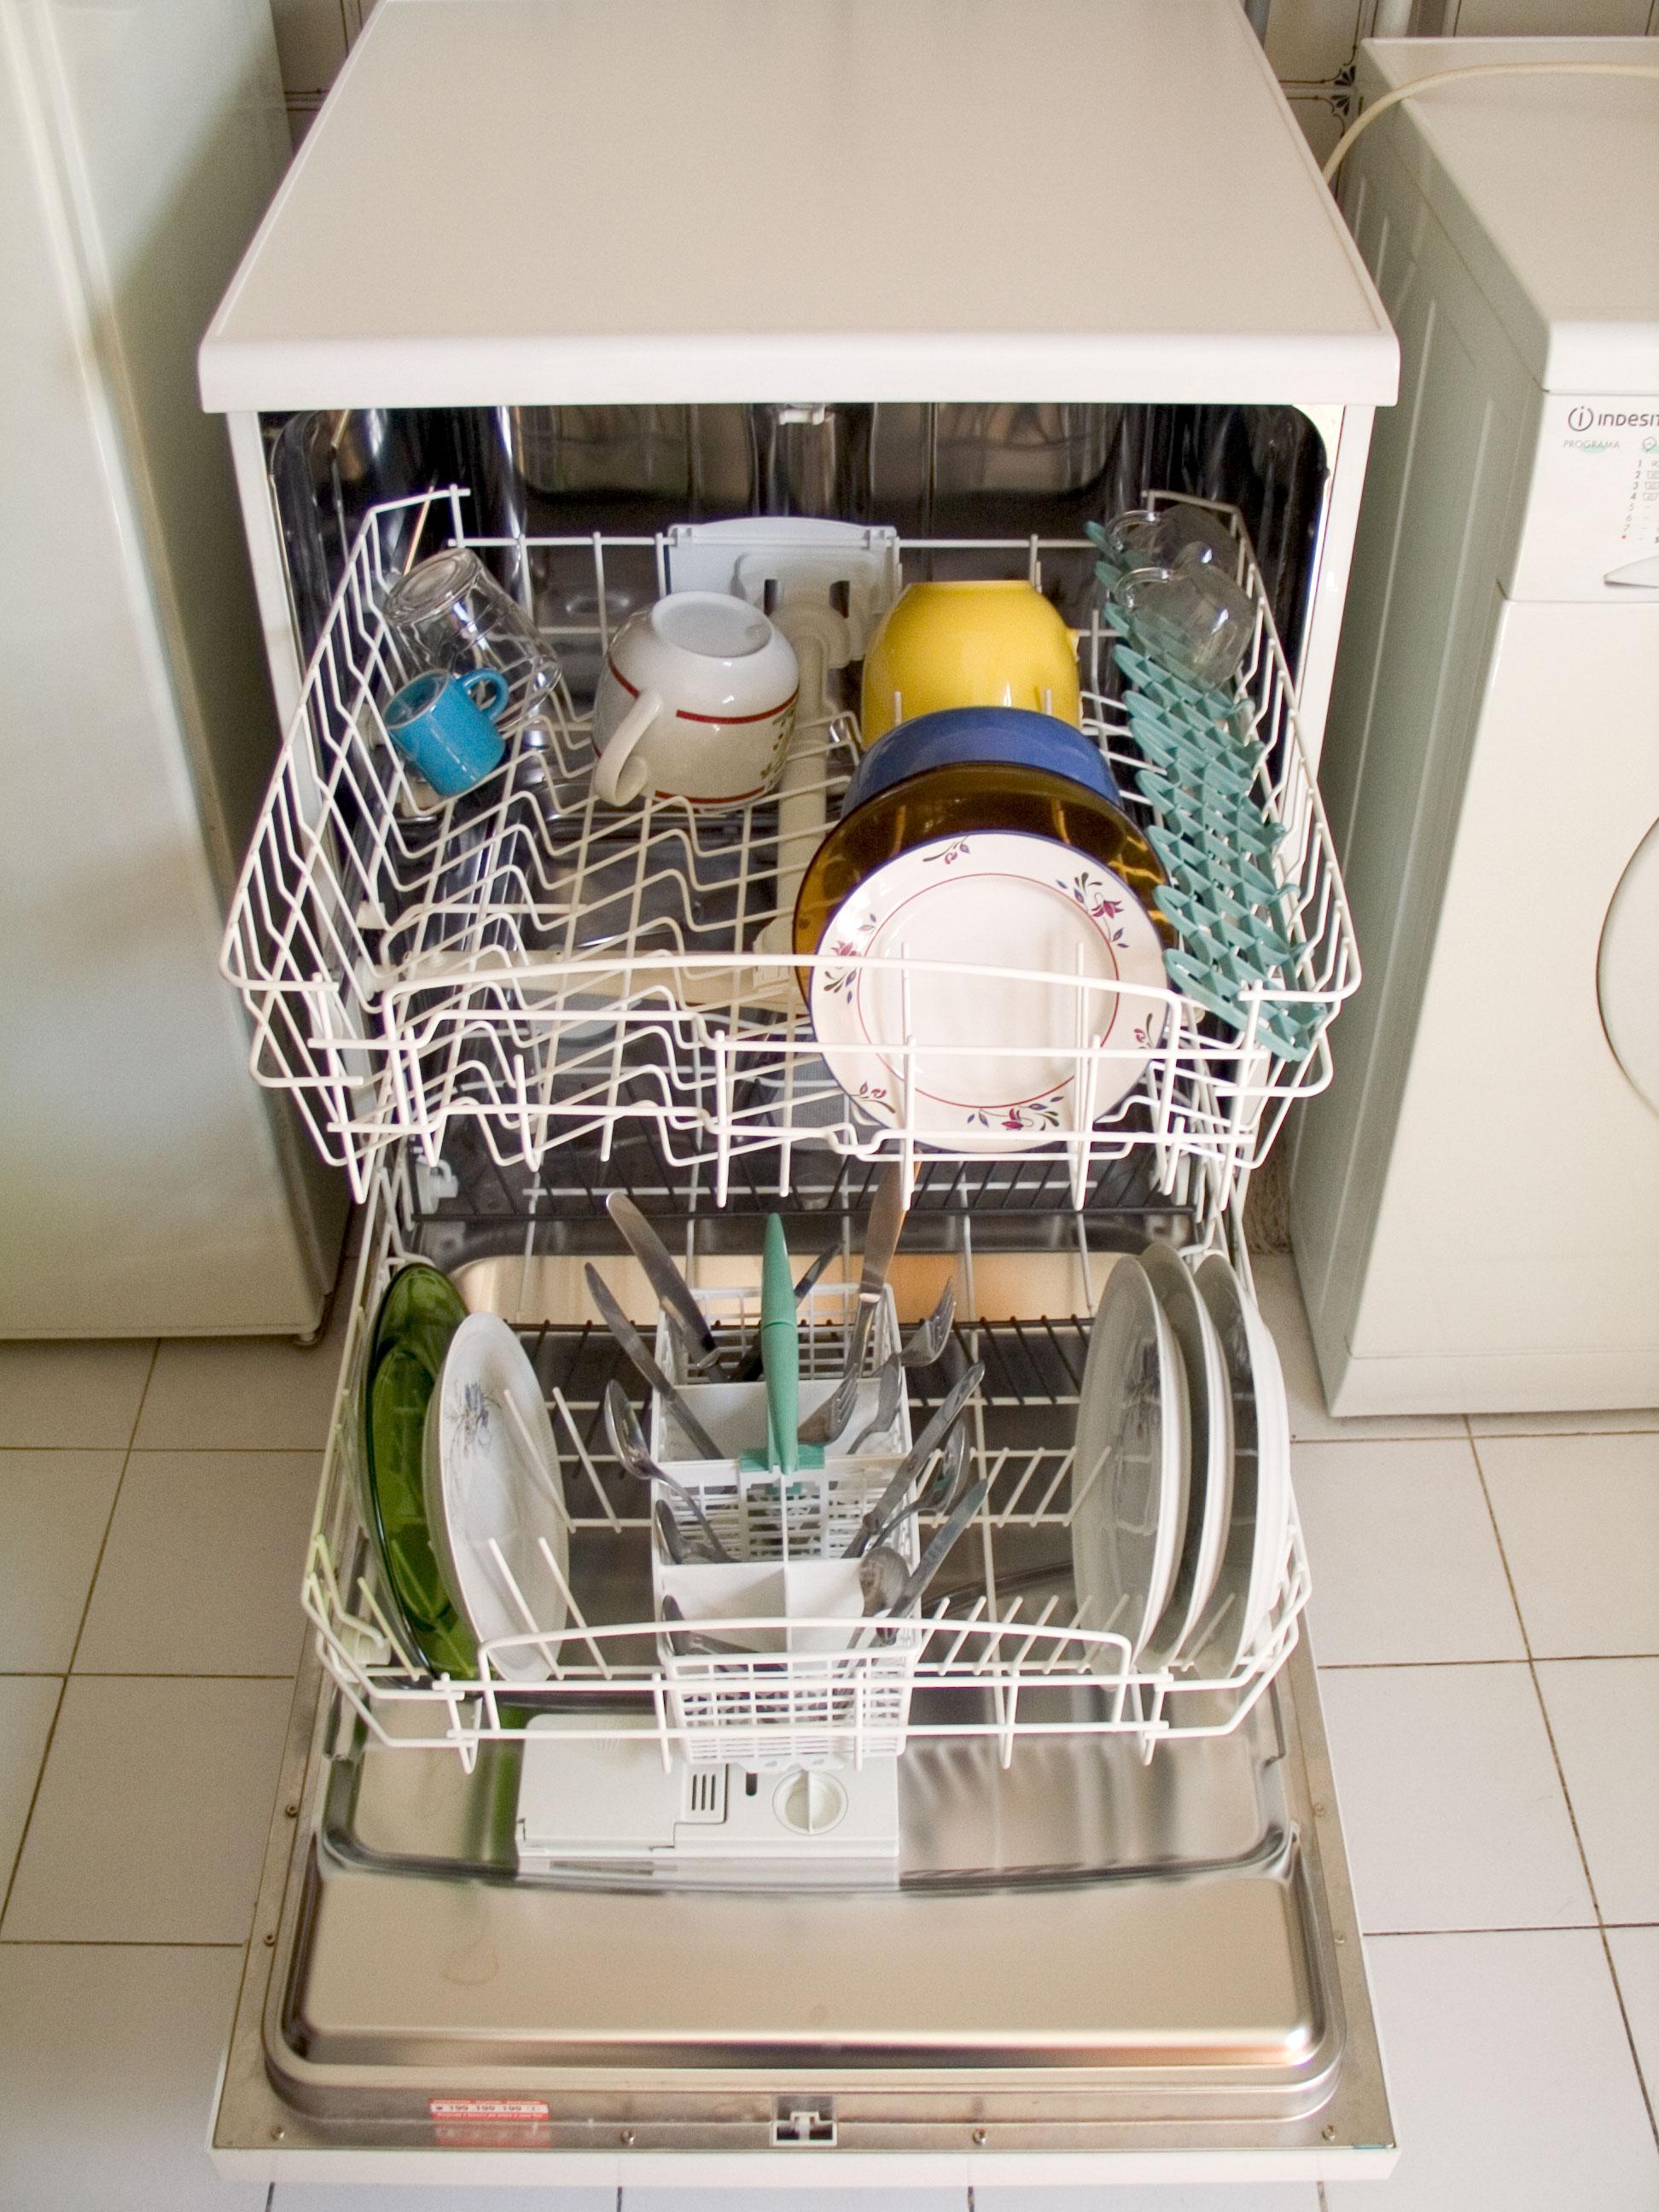 Как ухаживать за посудомоечной машиной в домашних условиях_2